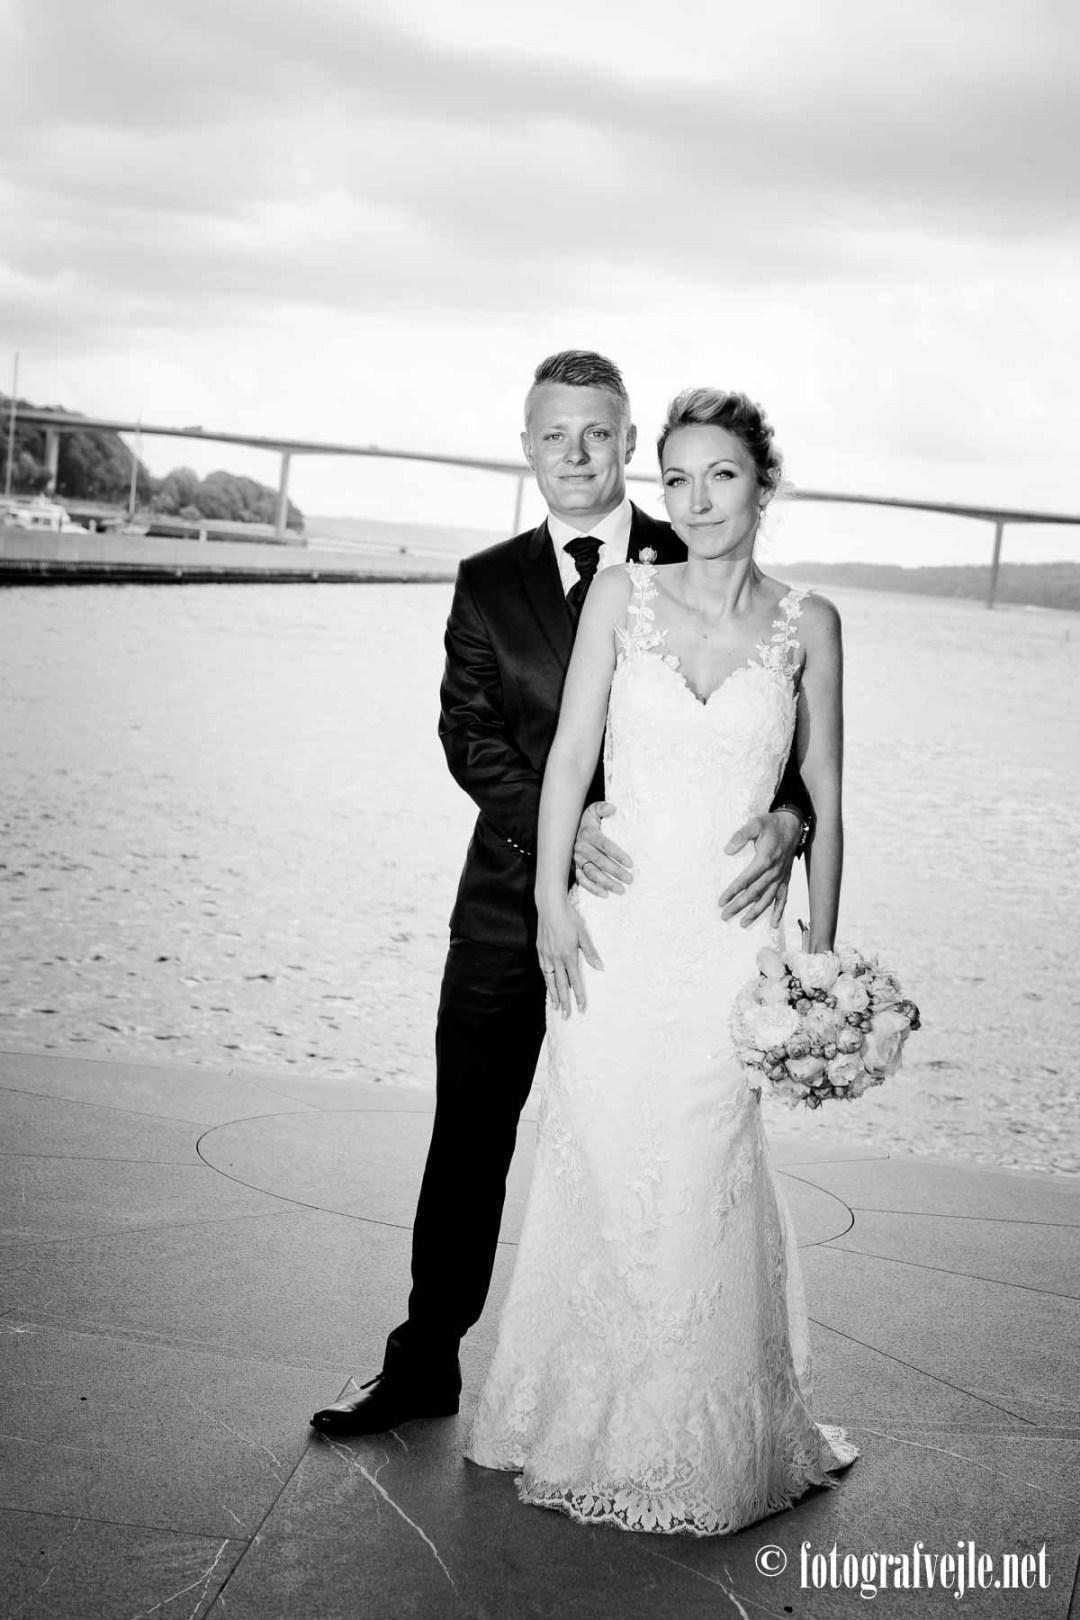 Professionel bryllupsfotograf Vejle | Få foreviget jeres dag